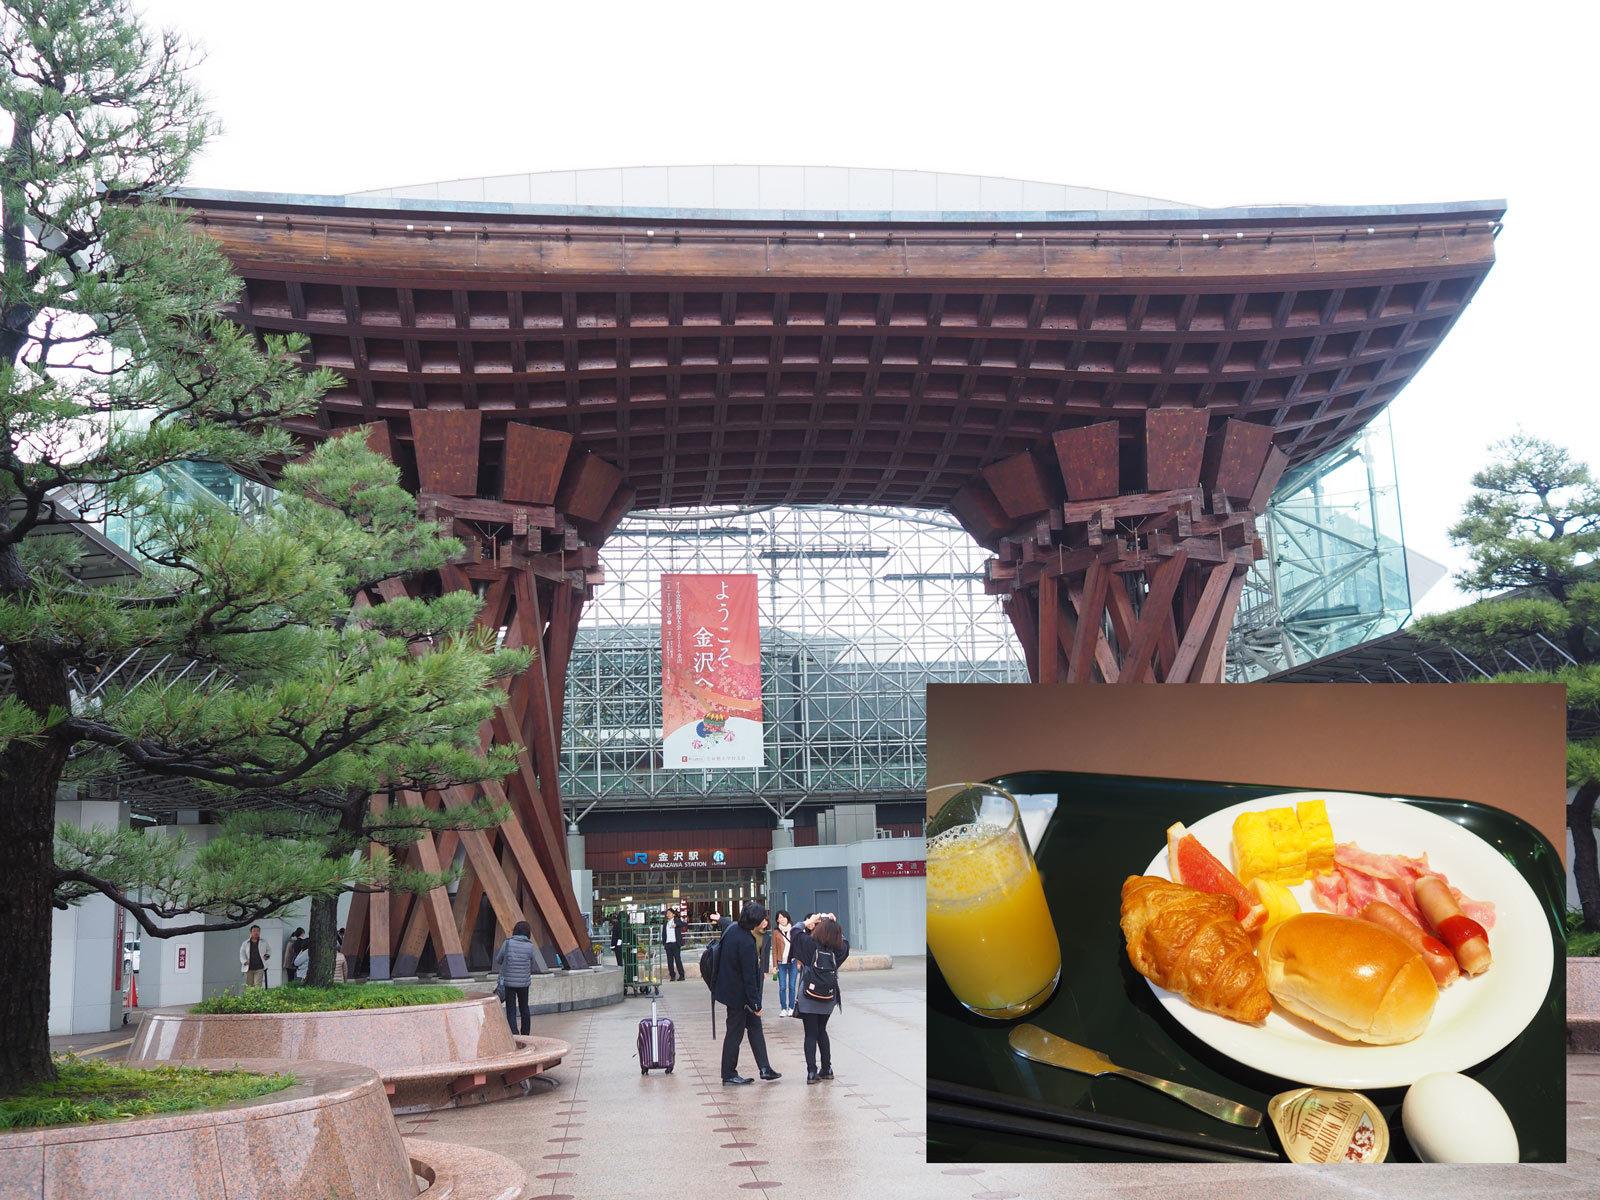 金沢ー文京_a0271402_11283916.jpg